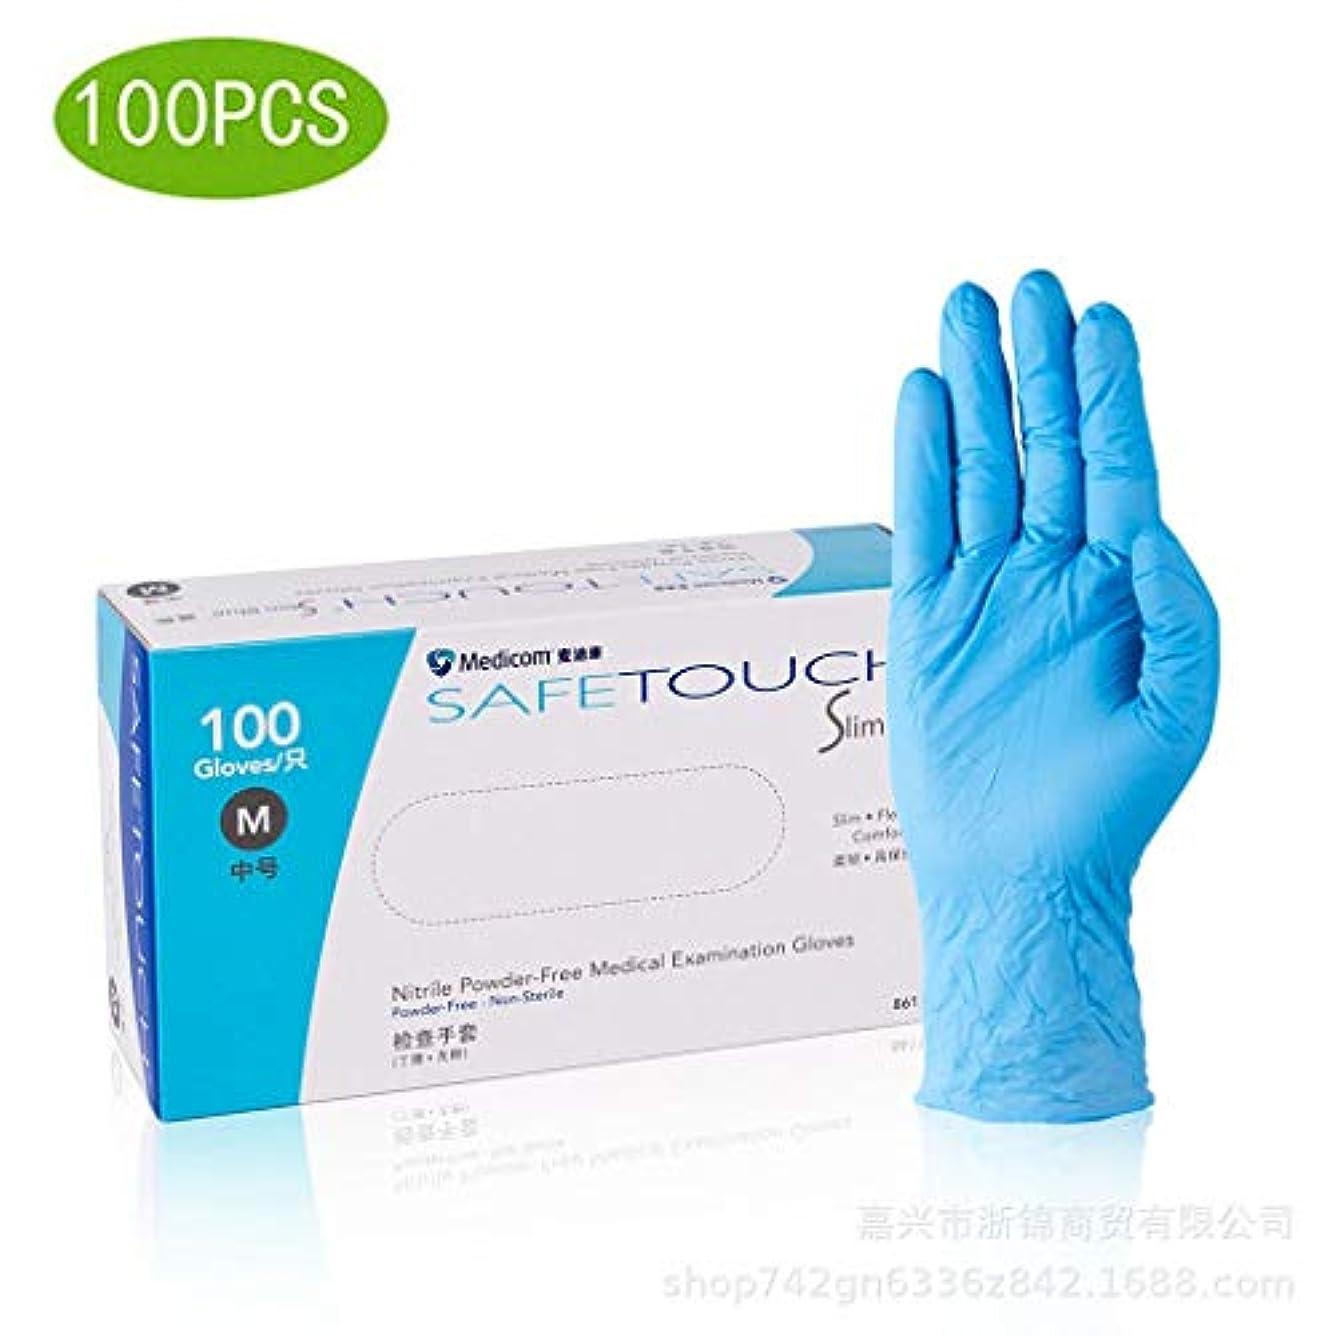 クルーマウントバンクタイピスト9インチ使い捨てニトリル手袋ブルー労働保険工業用食品家事グレードゴム手袋デューティ検査用手袋|100の病院ボックスのプロフェッショナルグレード (Size : XS)